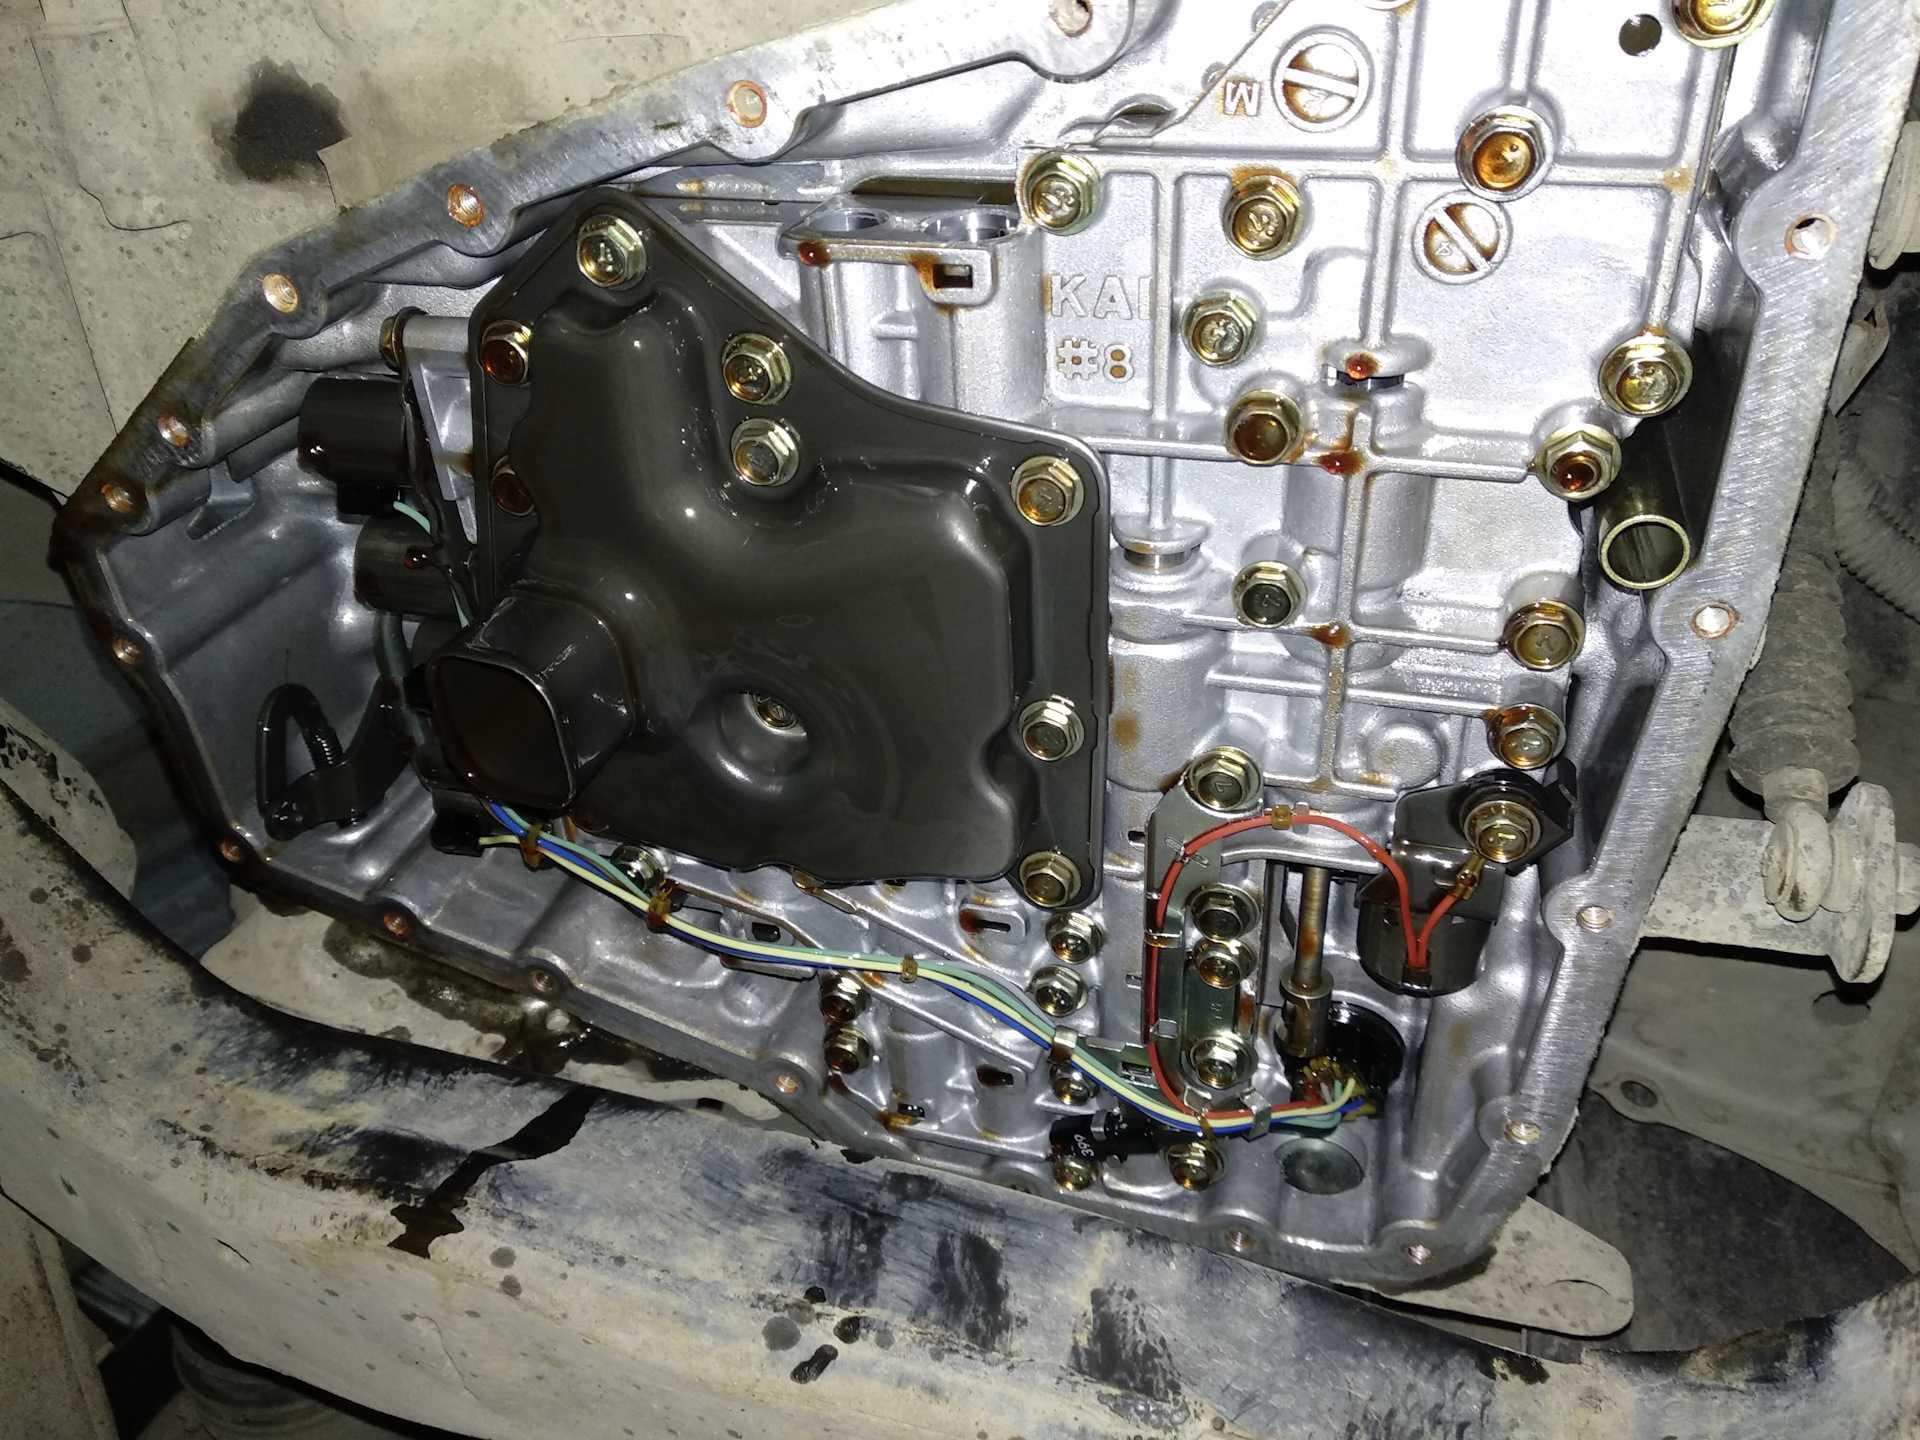 В данной статье рассматривается порядок замены моторного масла в двигателях автомобиля Nissan Teana J32 также рассказывается о рекомендуемых типах смазочных жидкостей и маслофильтров регламенте проведения техобслуживания